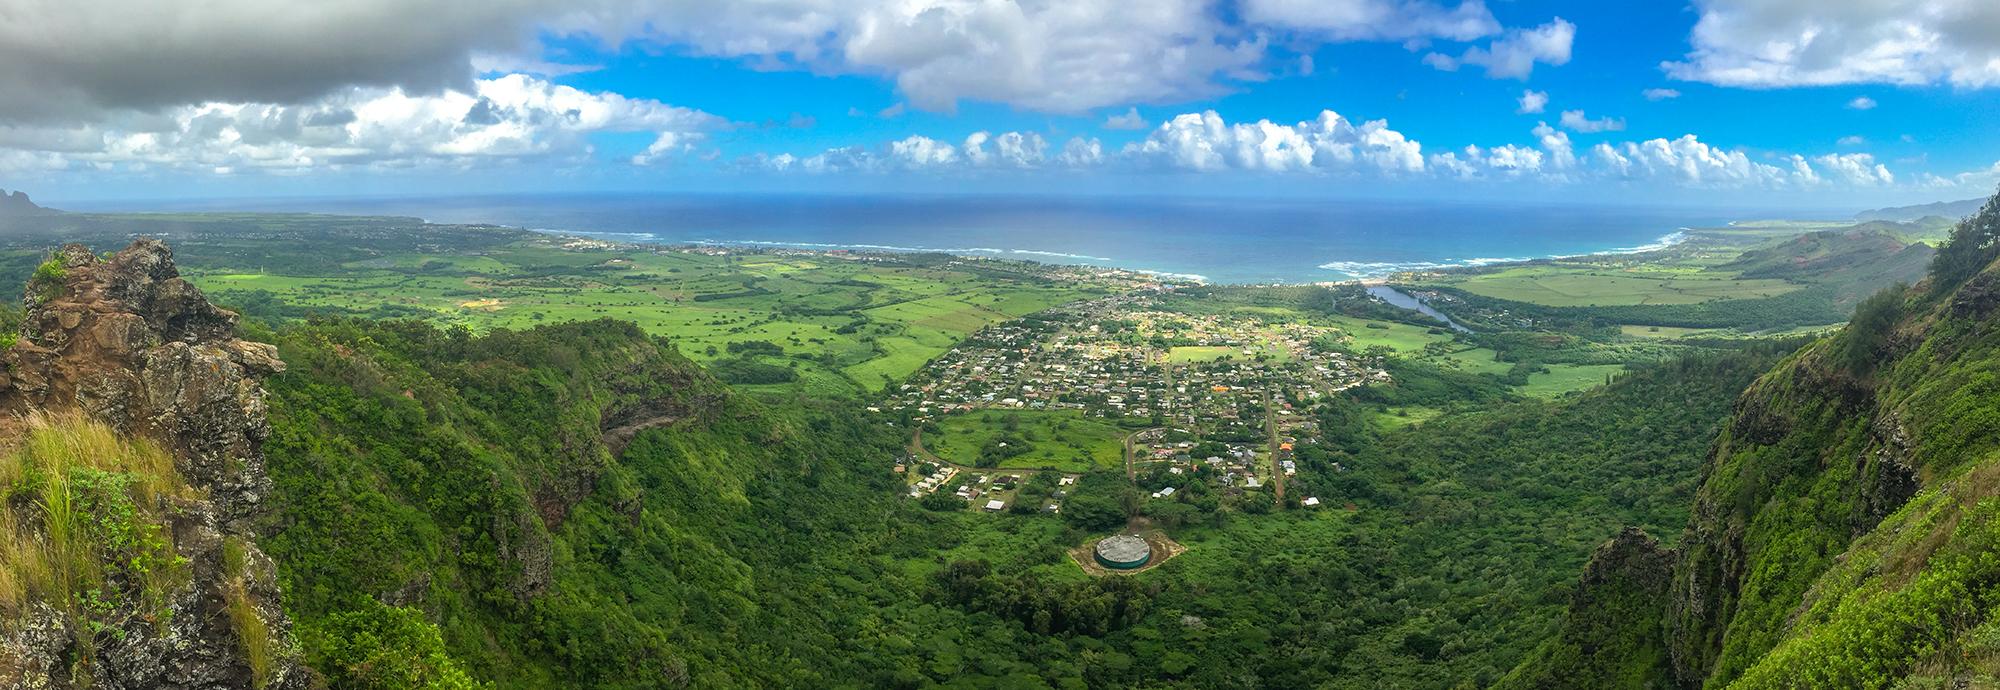 Вид на остров Кауаи с вершины Спящего Гиганта (фото кликабельно)